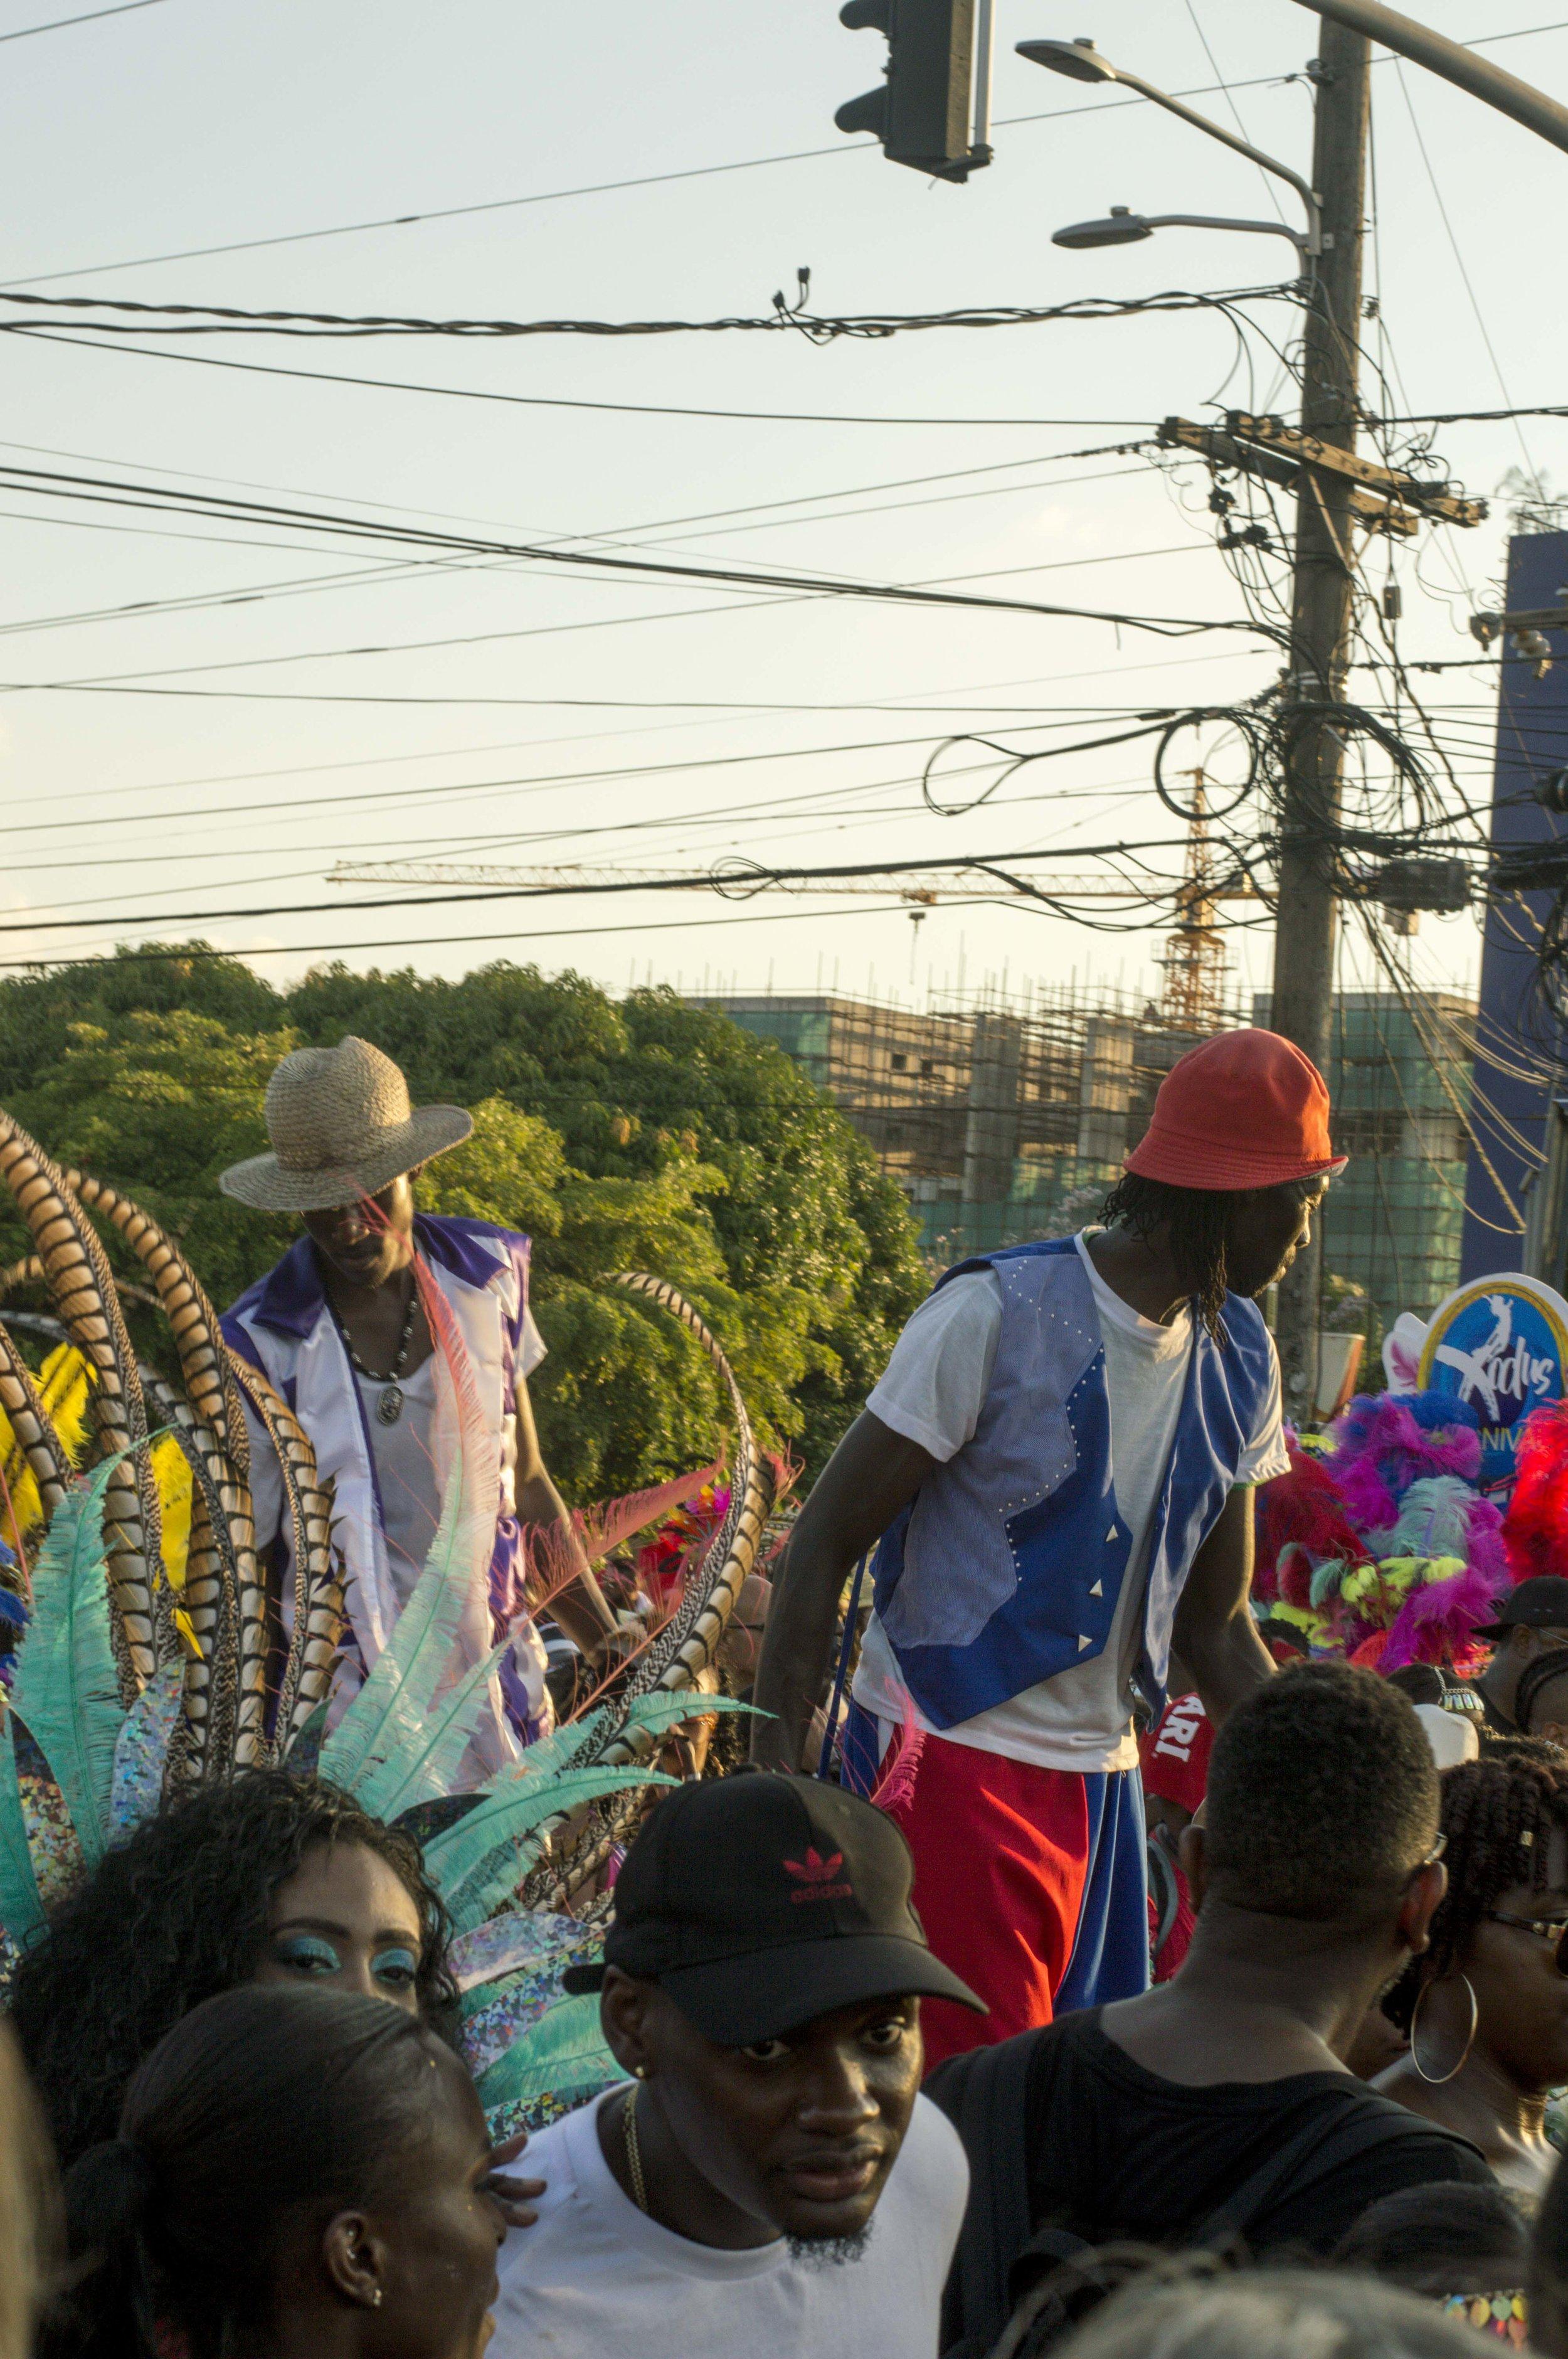 carnival2019_jeanalindo-29.jpg